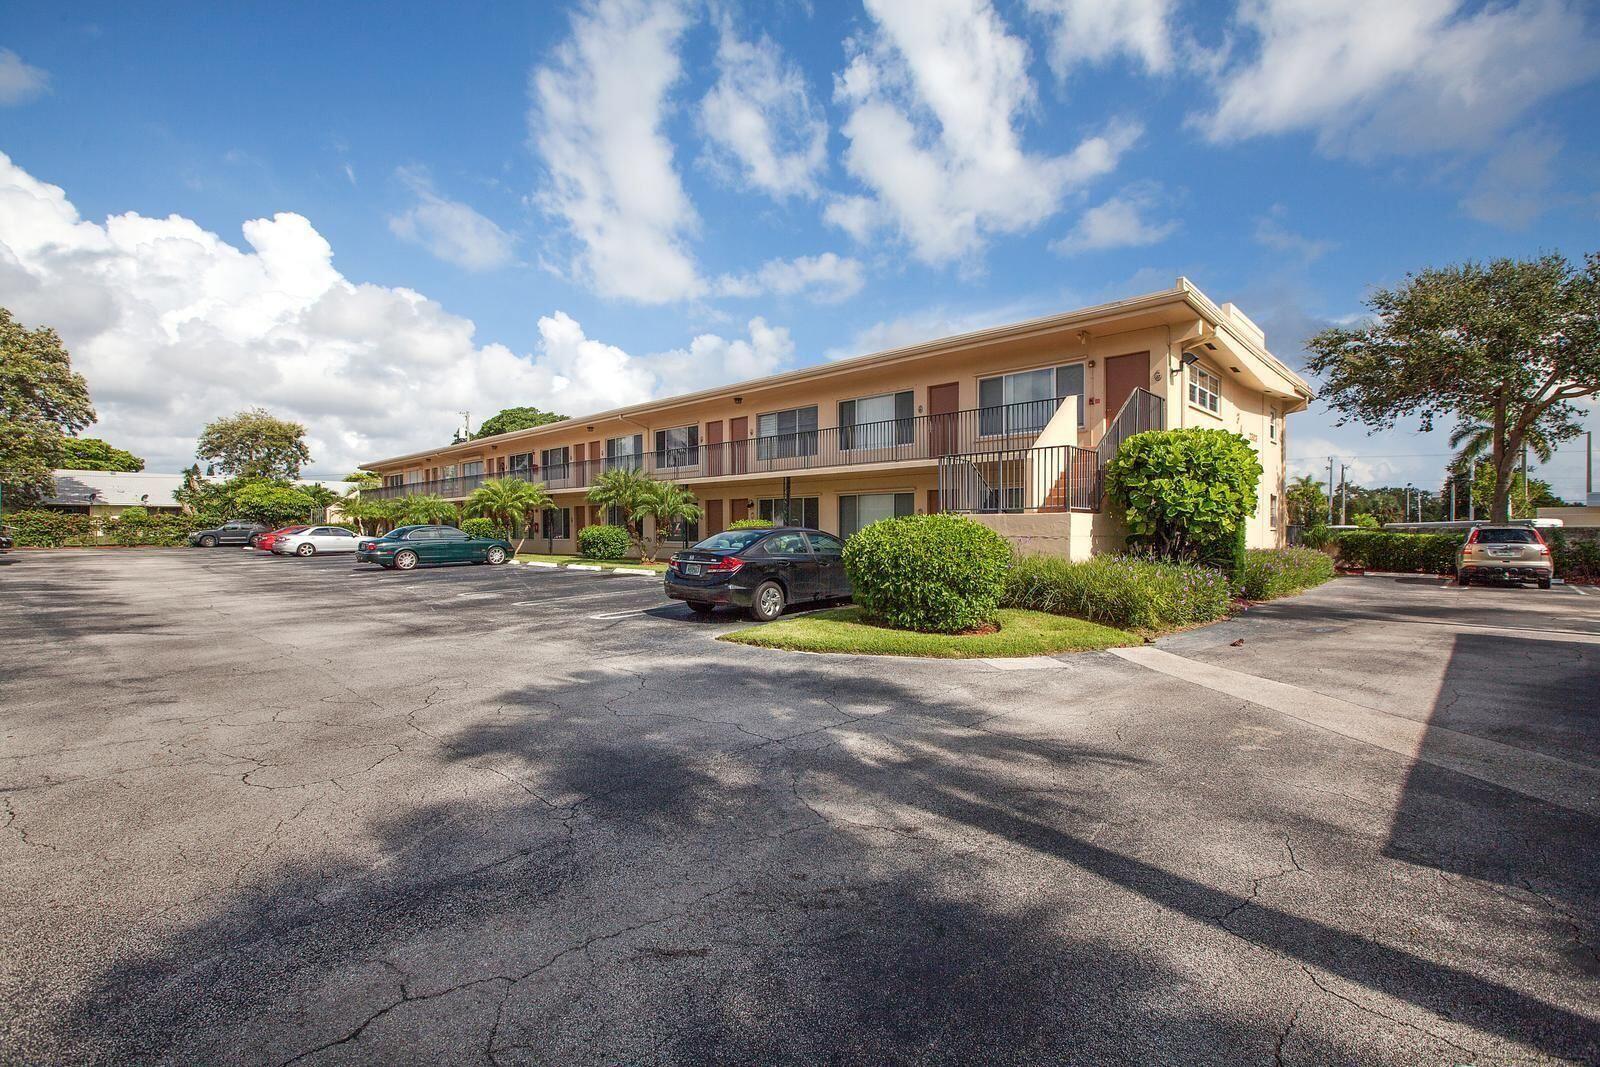 Photo of 2303 S Federal Hwy 18 Highway #18n, Boynton Beach, FL 33435 (MLS # RX-10753660)